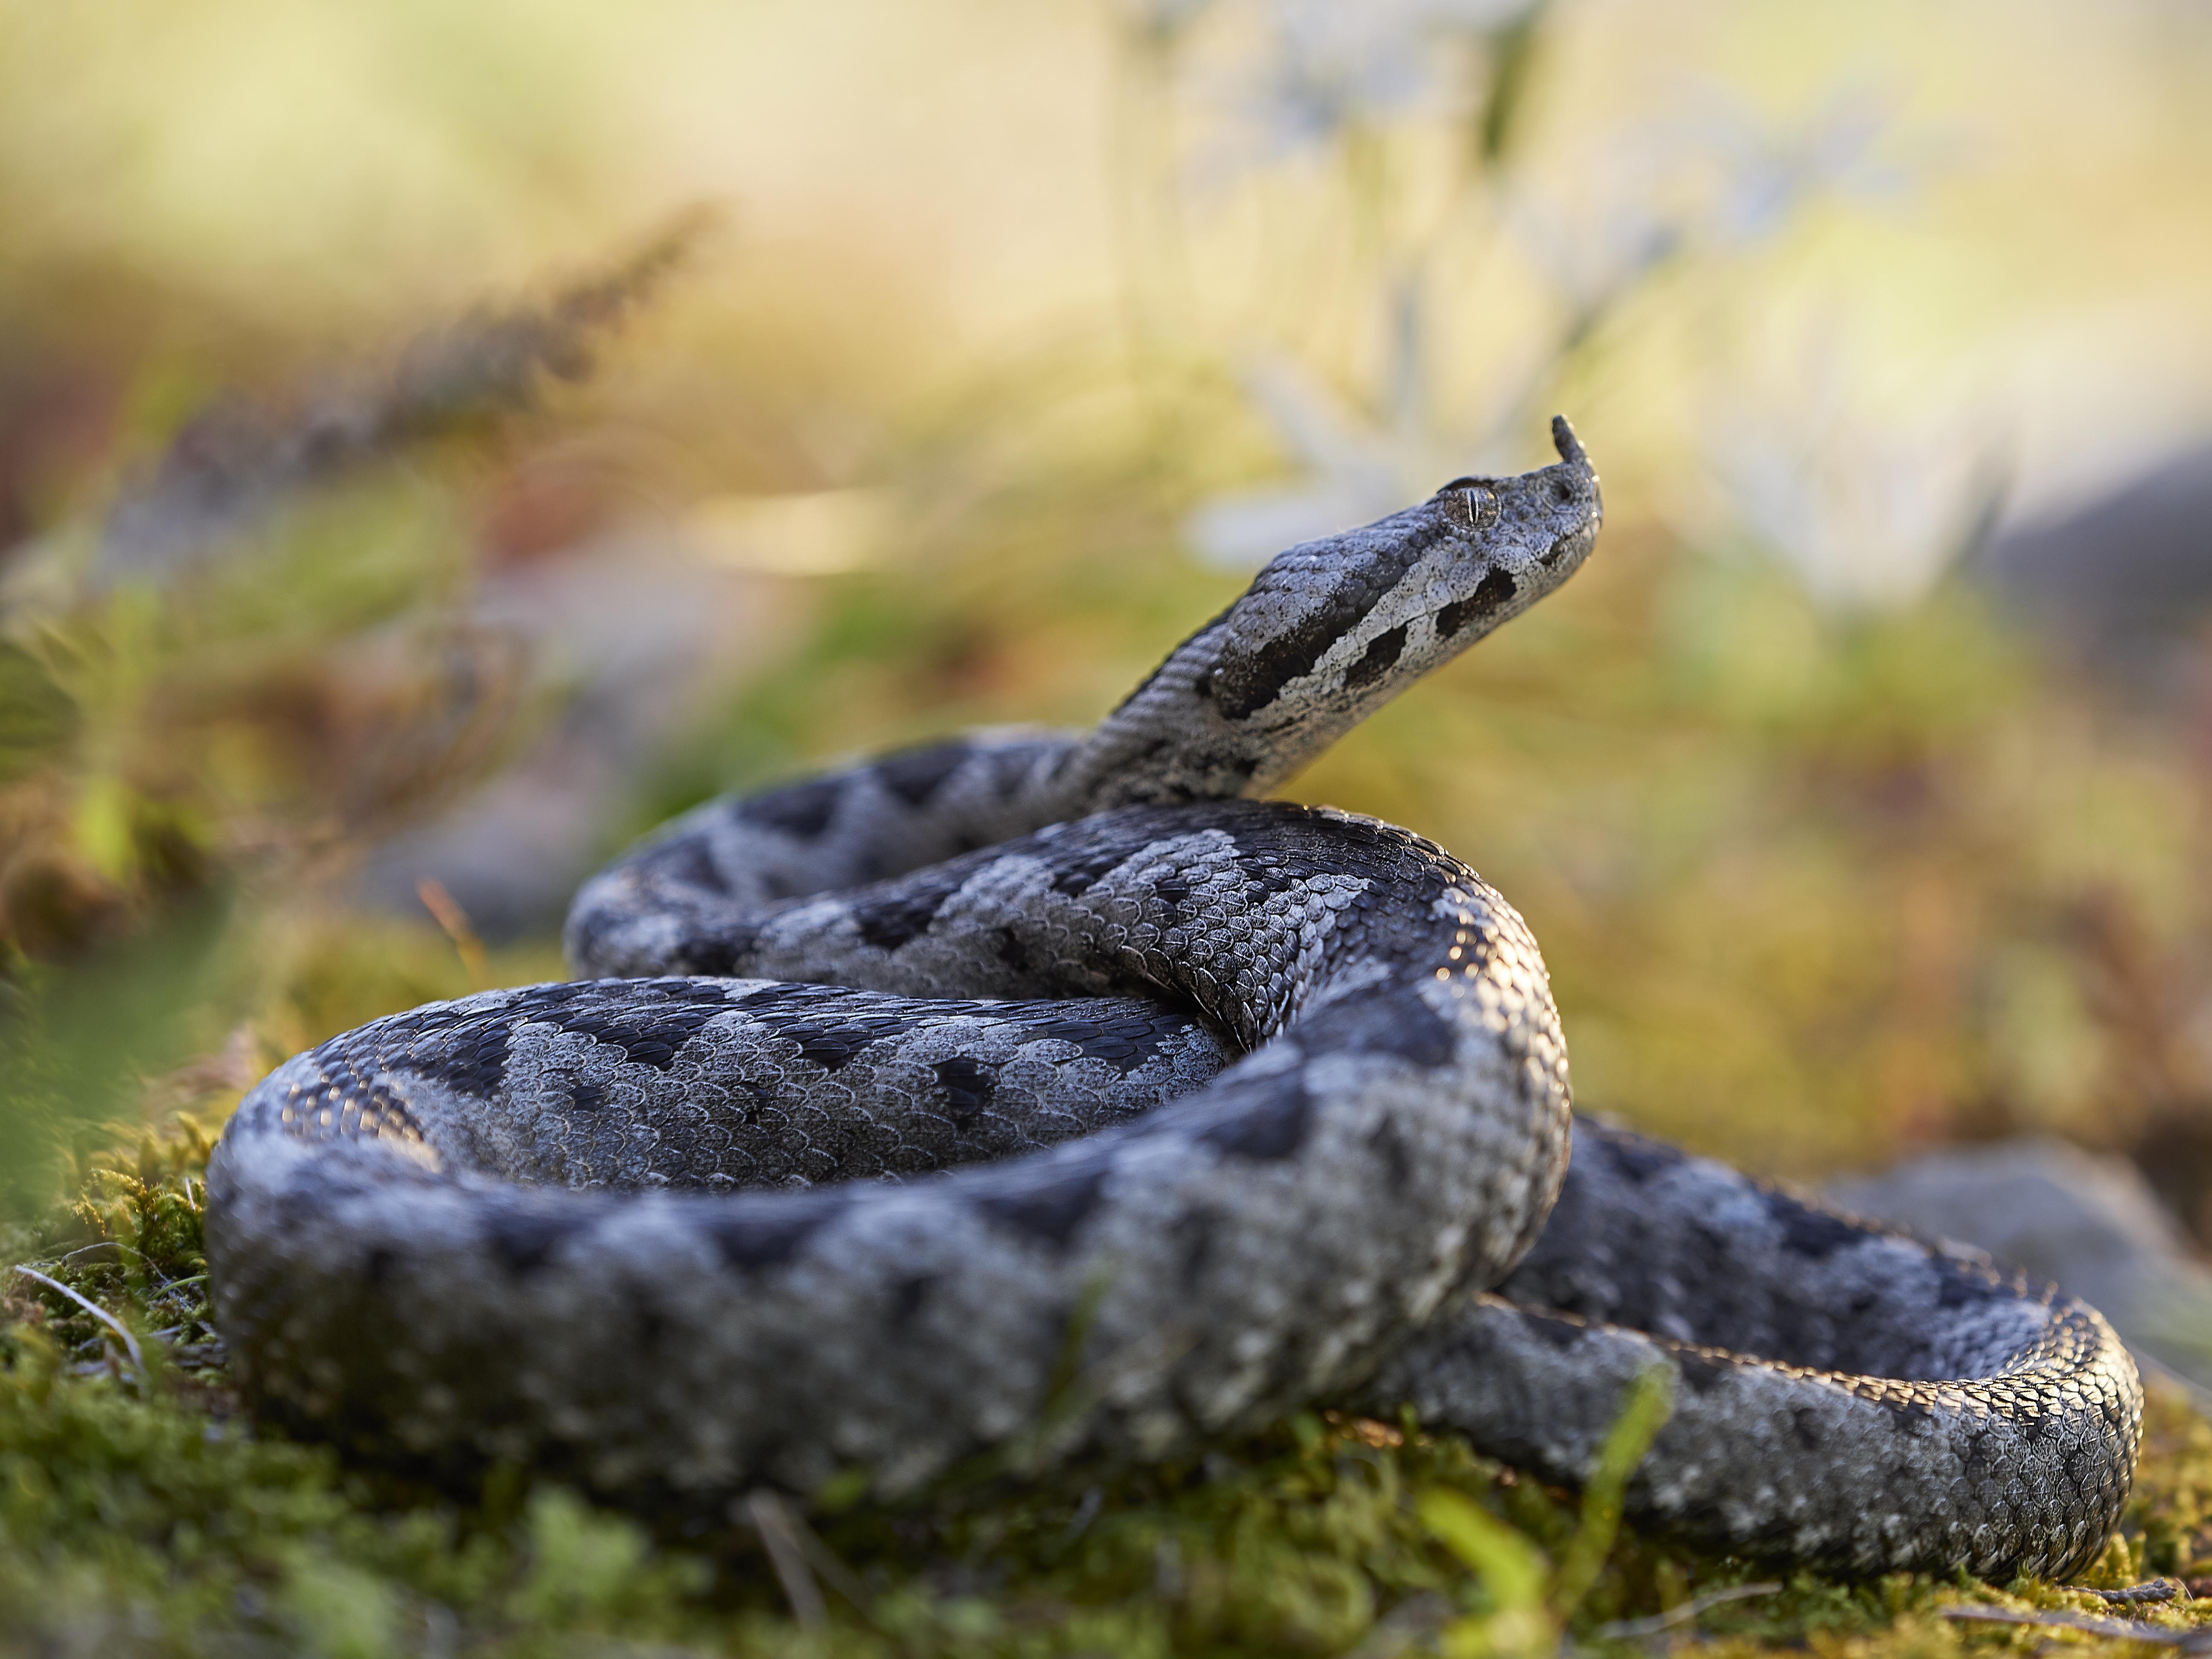 Bacina lakes – Snakes + Freediving 2019